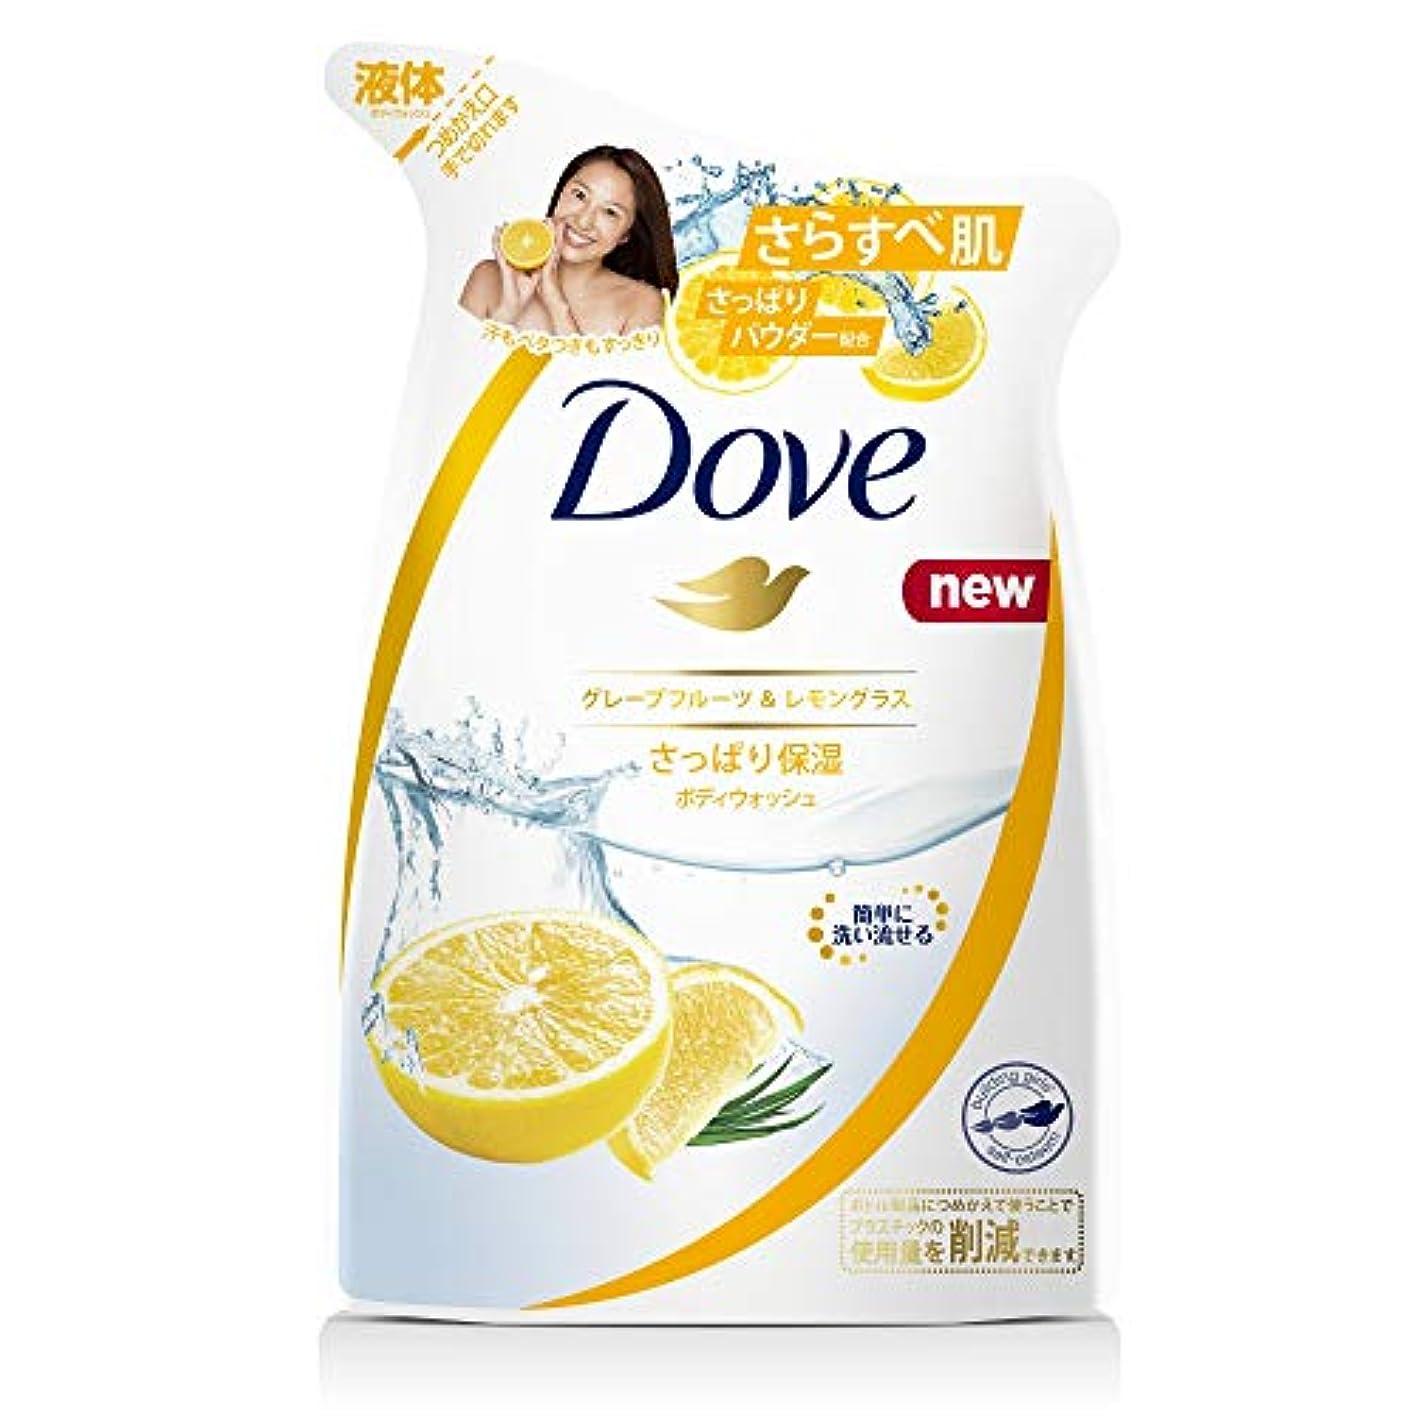 補充無限に賛成ダヴ ボディウォッシュ グレープフルーツ&レモングラス つめかえ用 360g